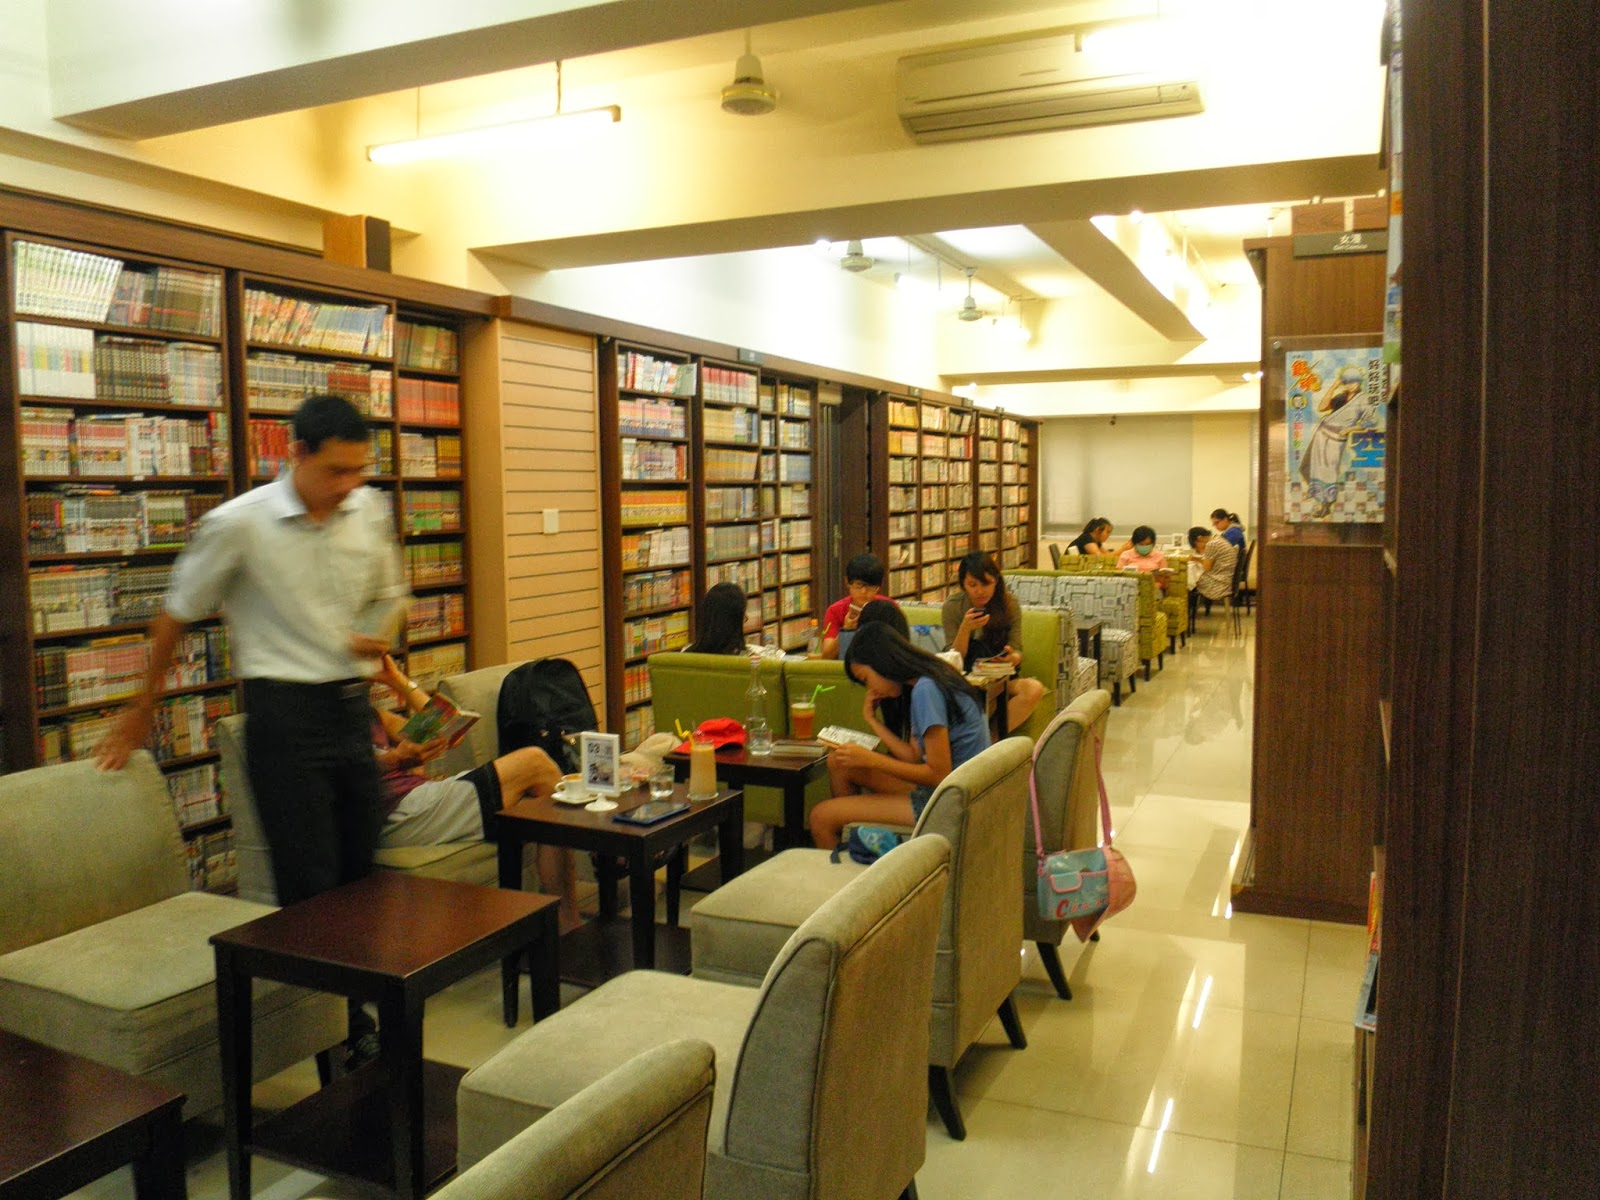 高雄塩埕校友會: the BOOKING 鹽埕區瀨南街177號 - 五星級的租書店